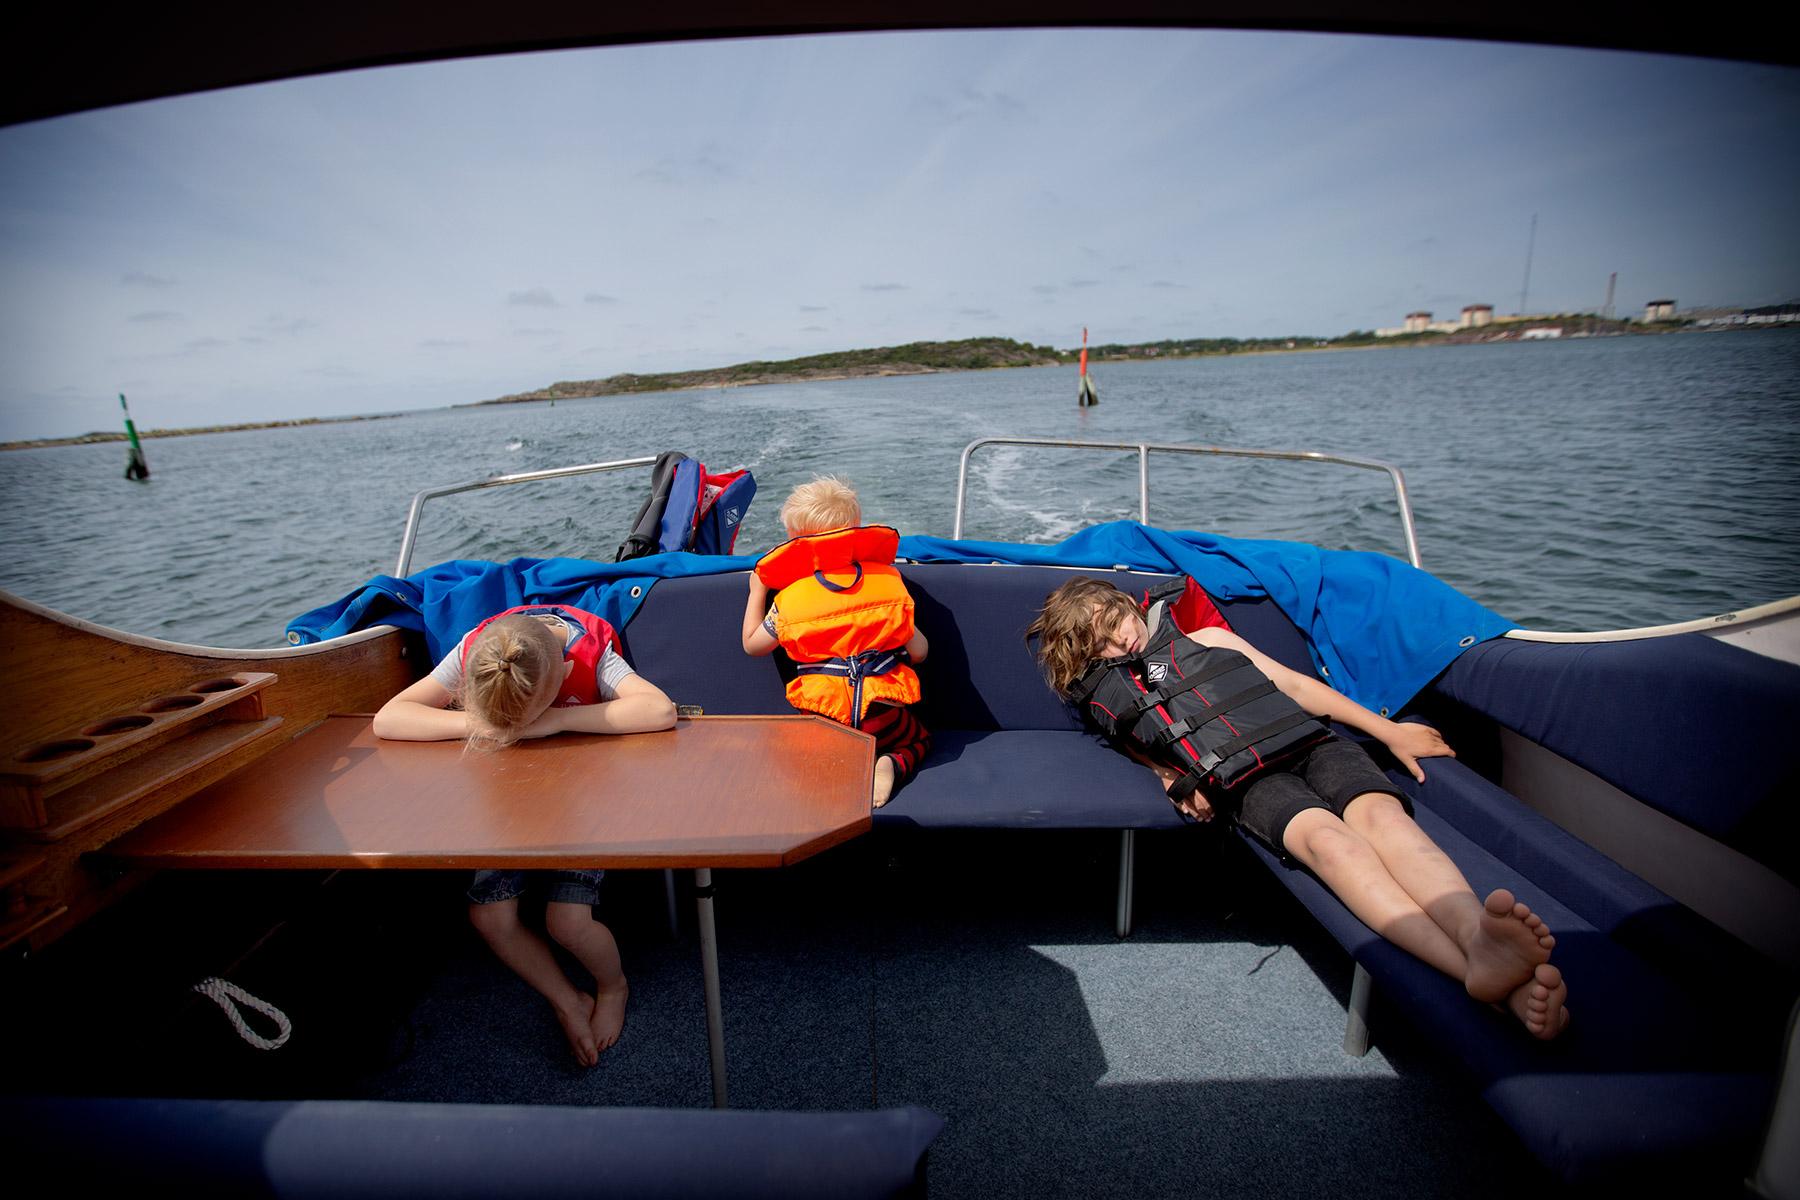 blogg-170706battvattifjorden15.jpg